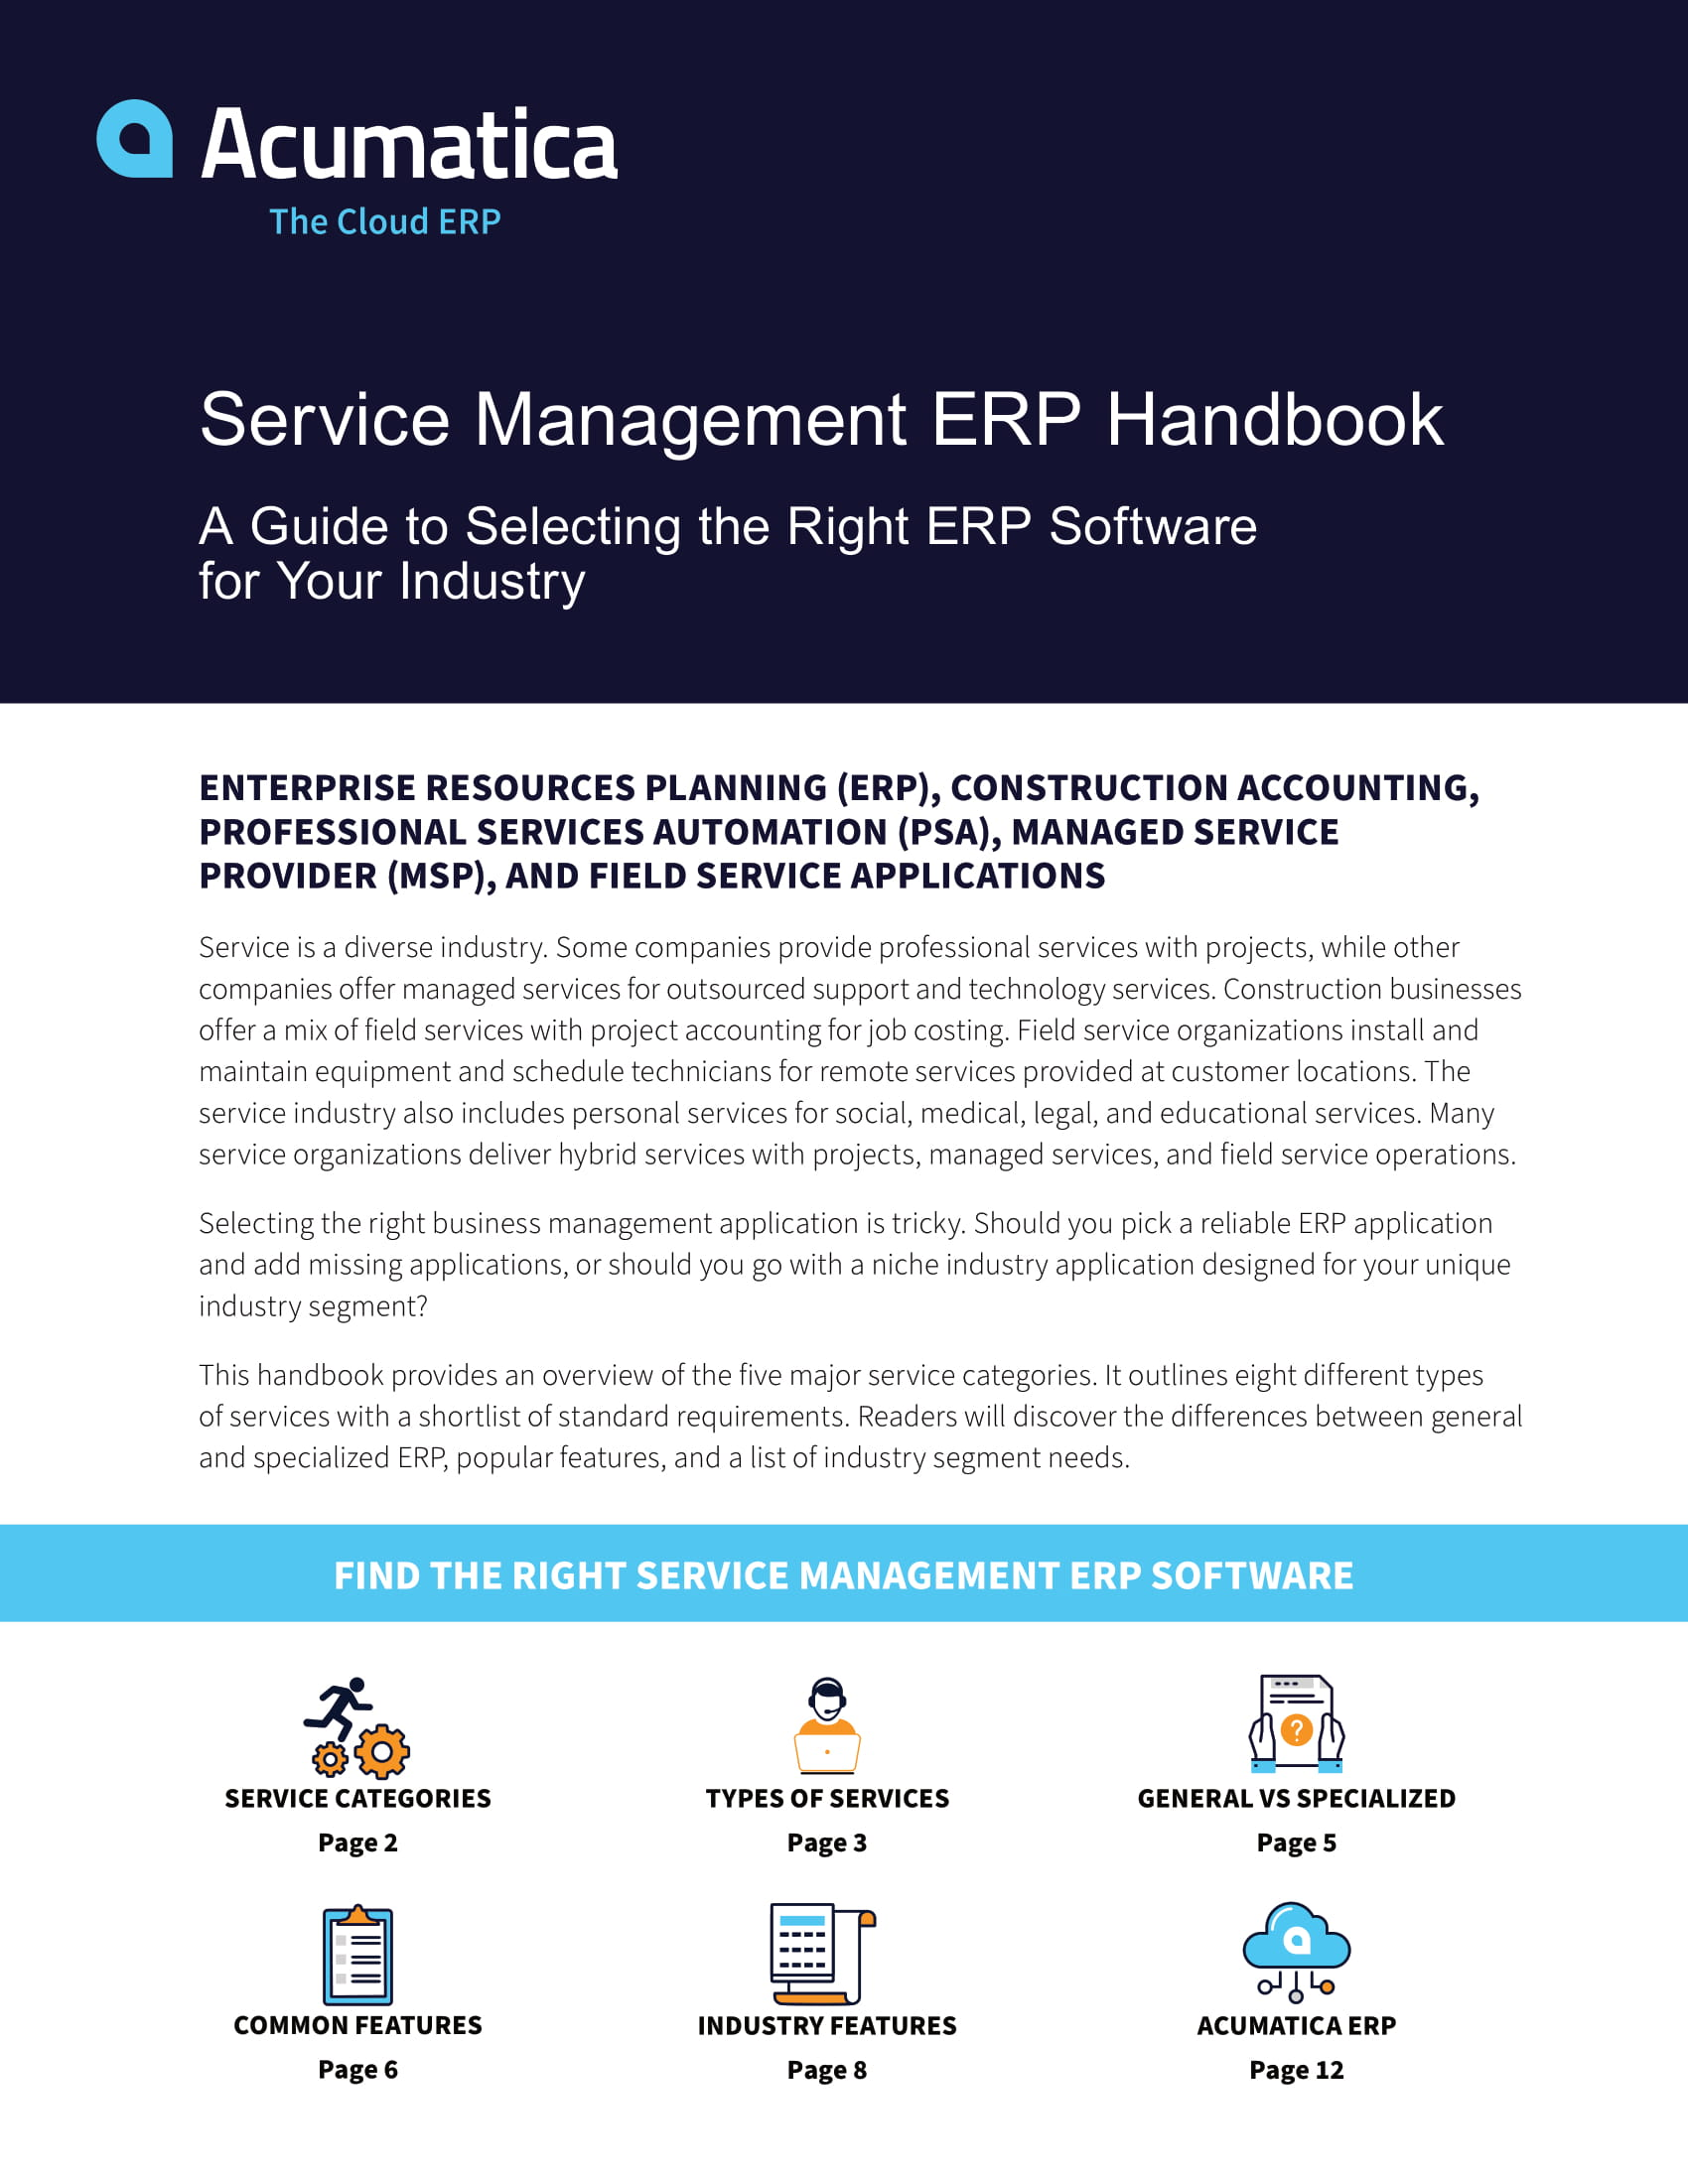 Better Service Management ERP Software